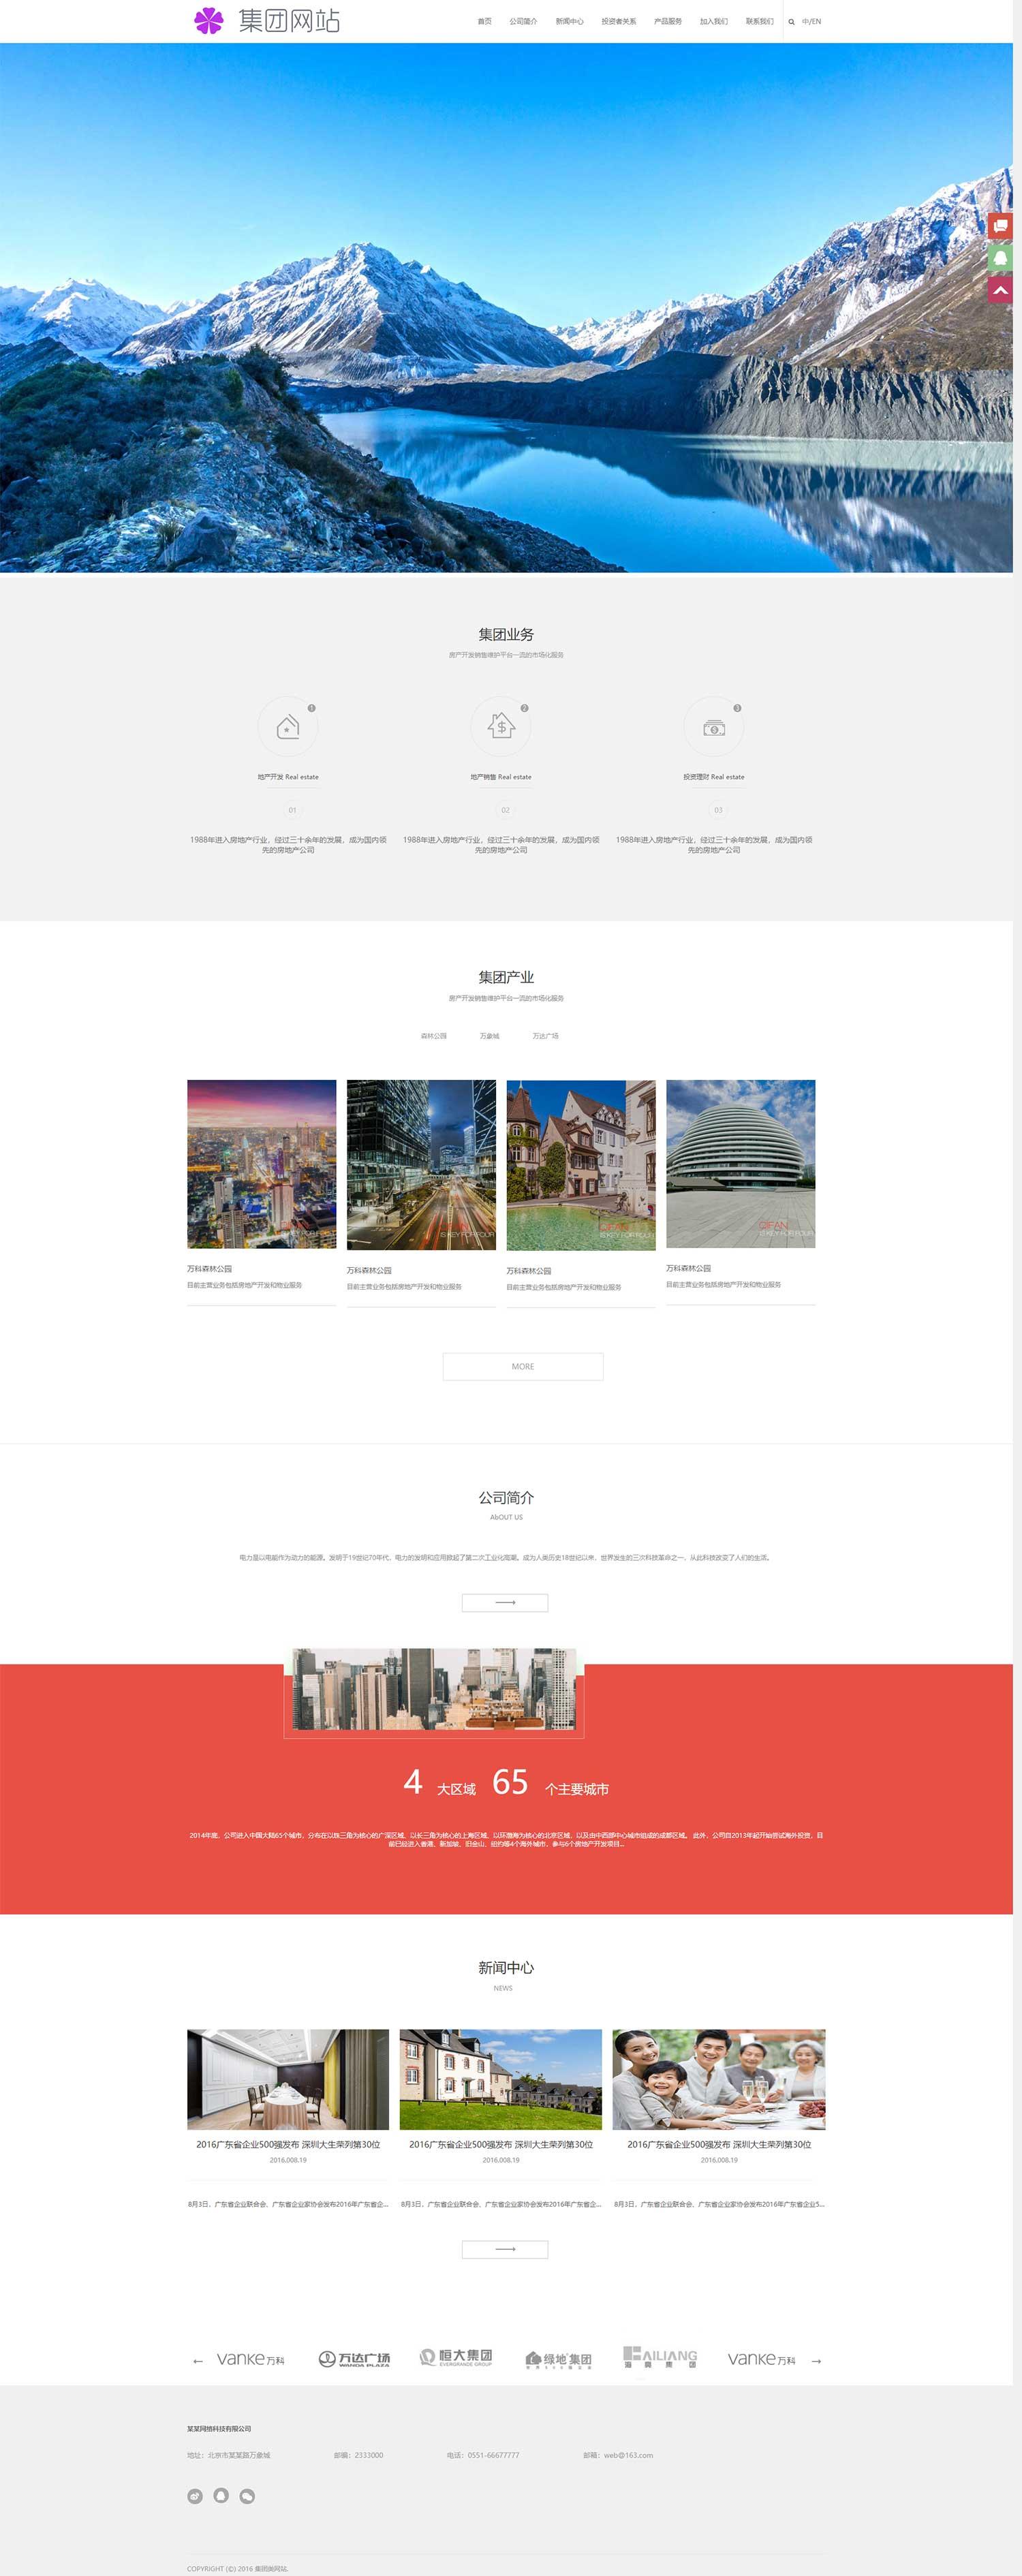 大气通用的房地产集团网站模板